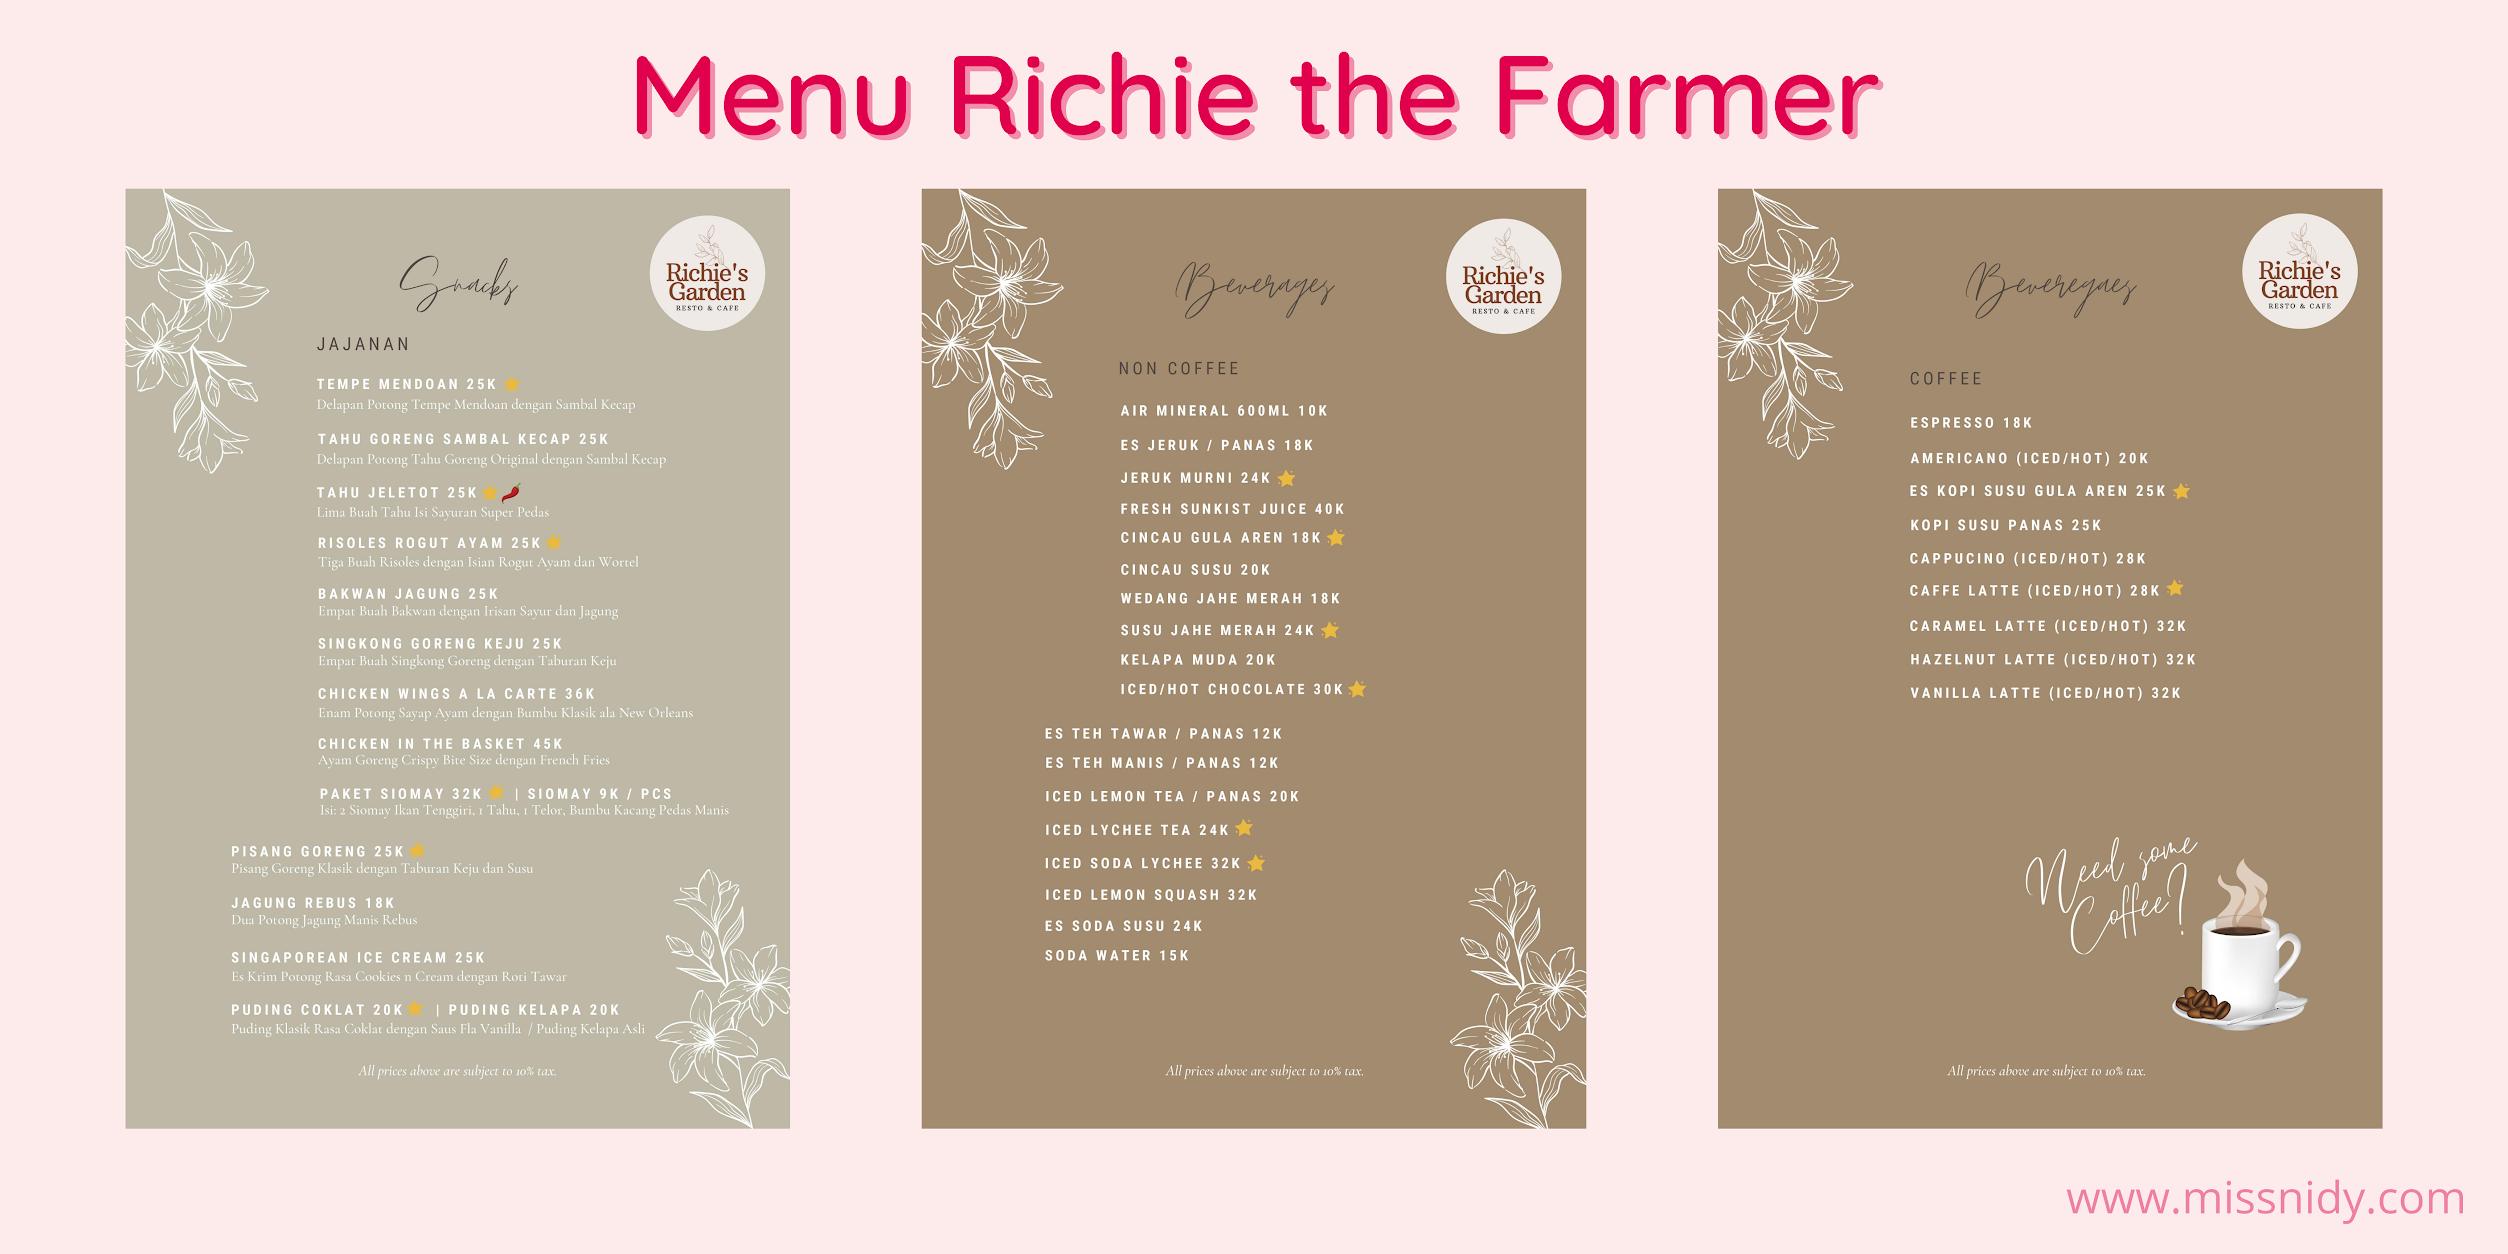 richie the farmer menu